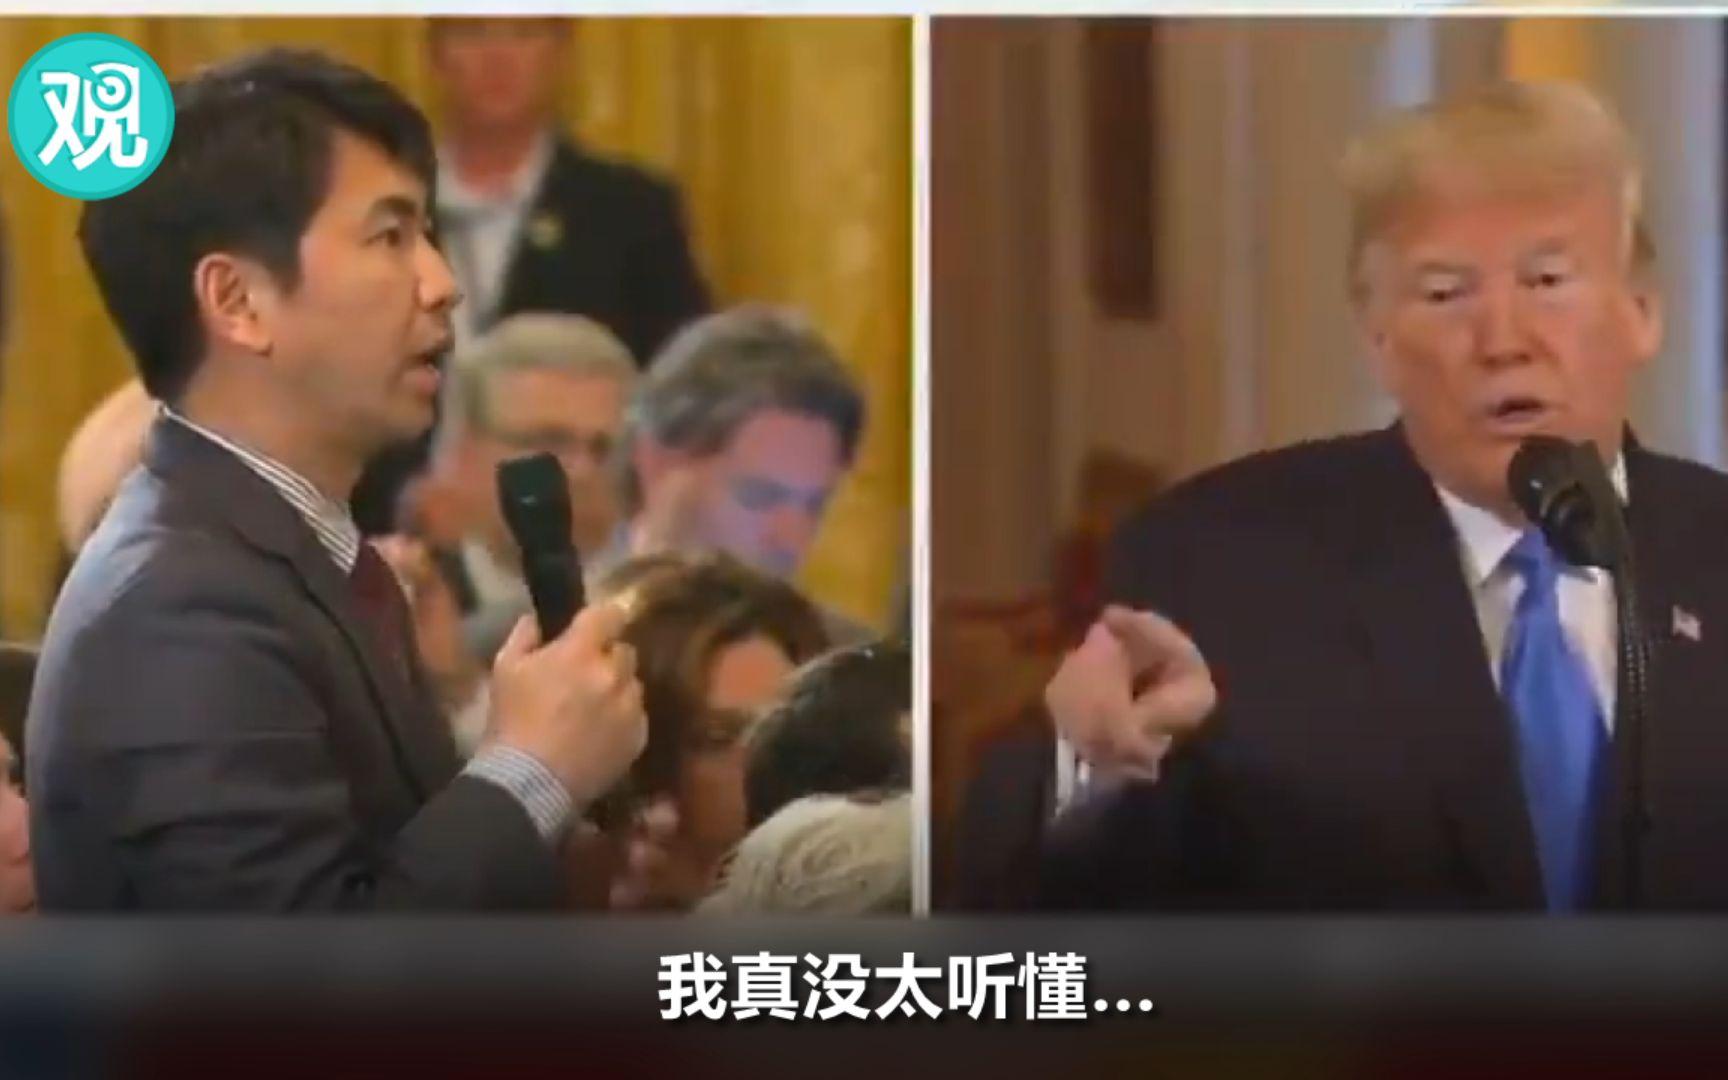 日本记者英语提问后,特朗普:我真没太听懂…